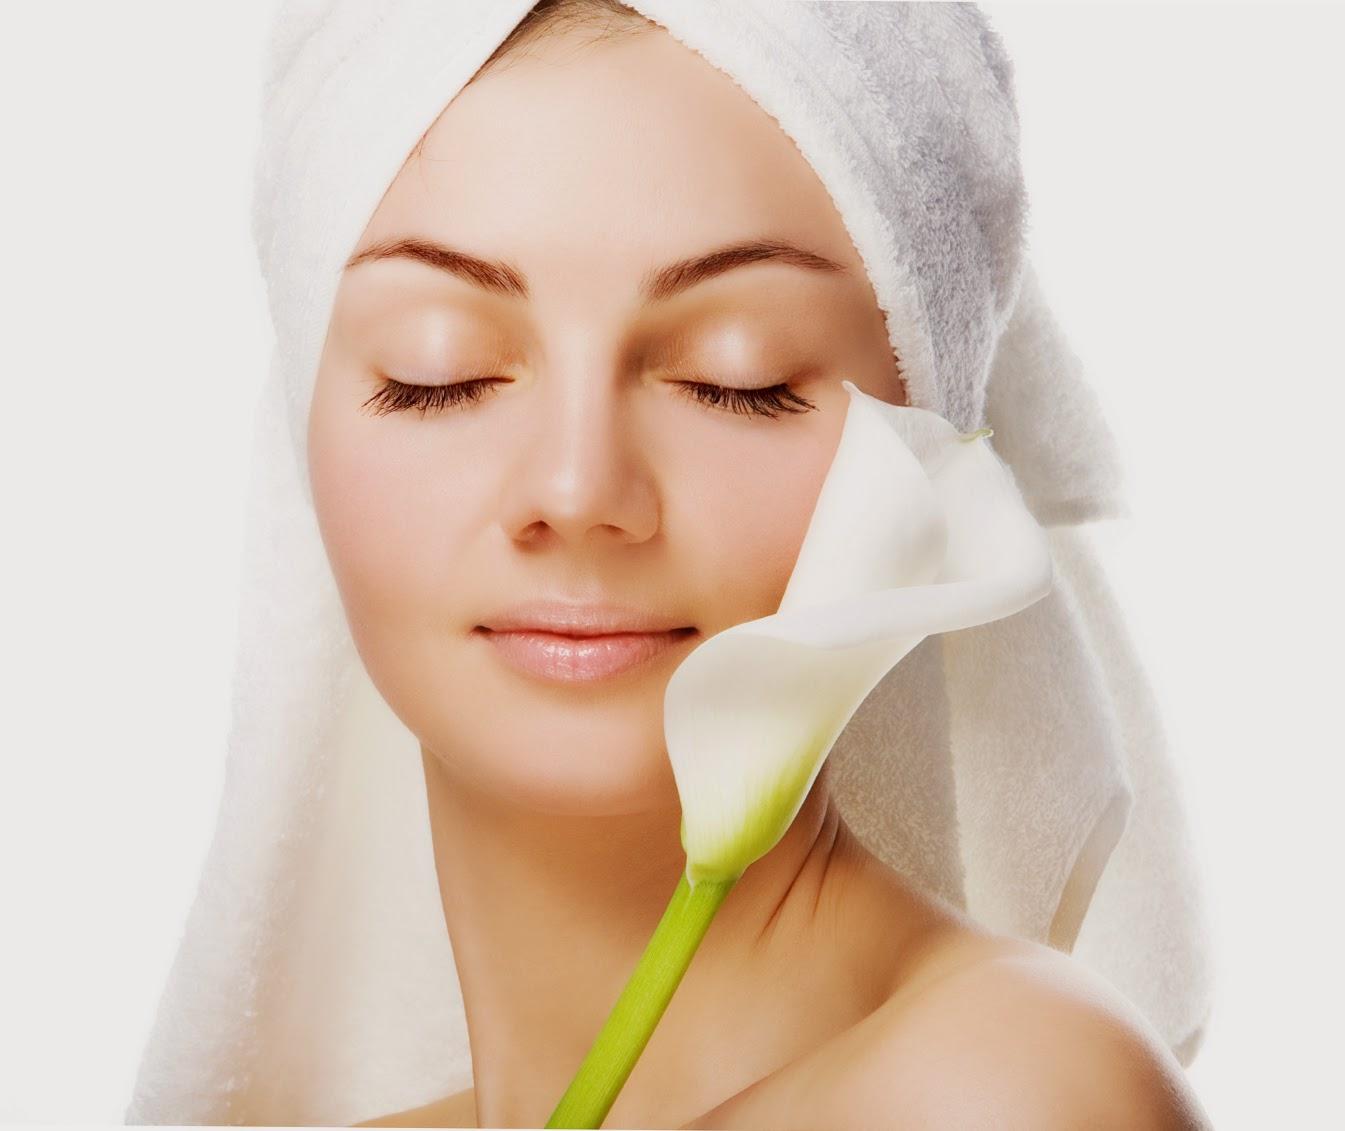 Facial rash in fold of skin